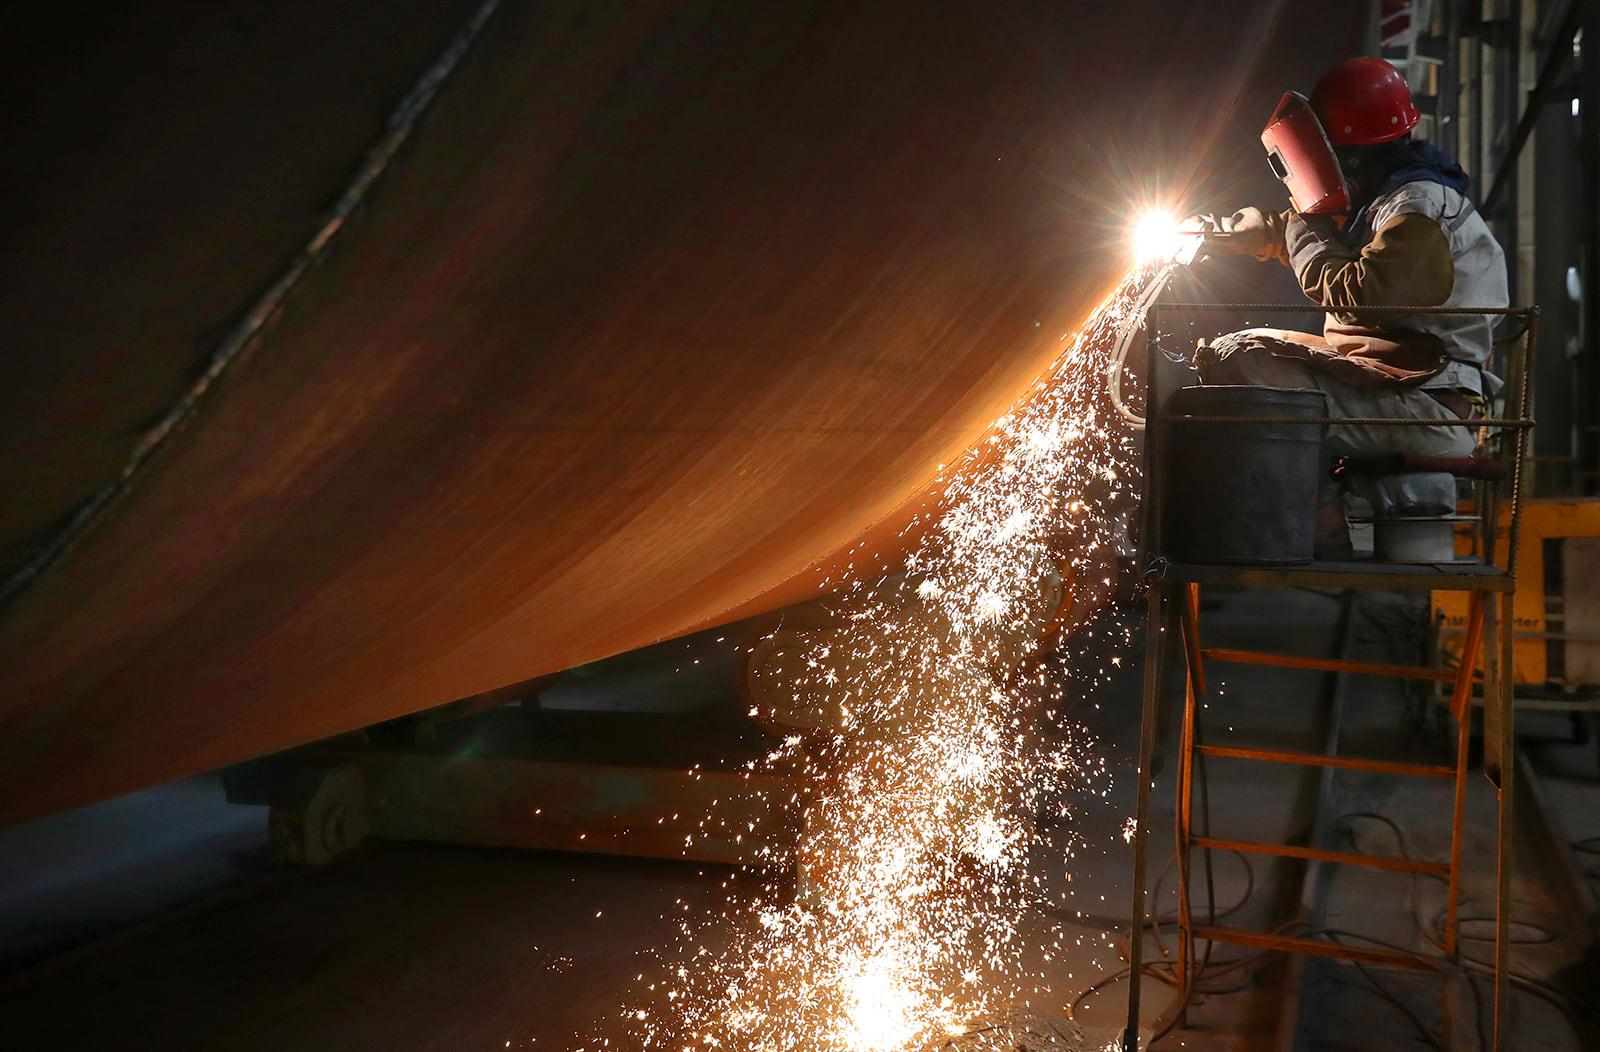 الاقتصاد الصيني ينمو 7.9% في الربع الثاني من 2021